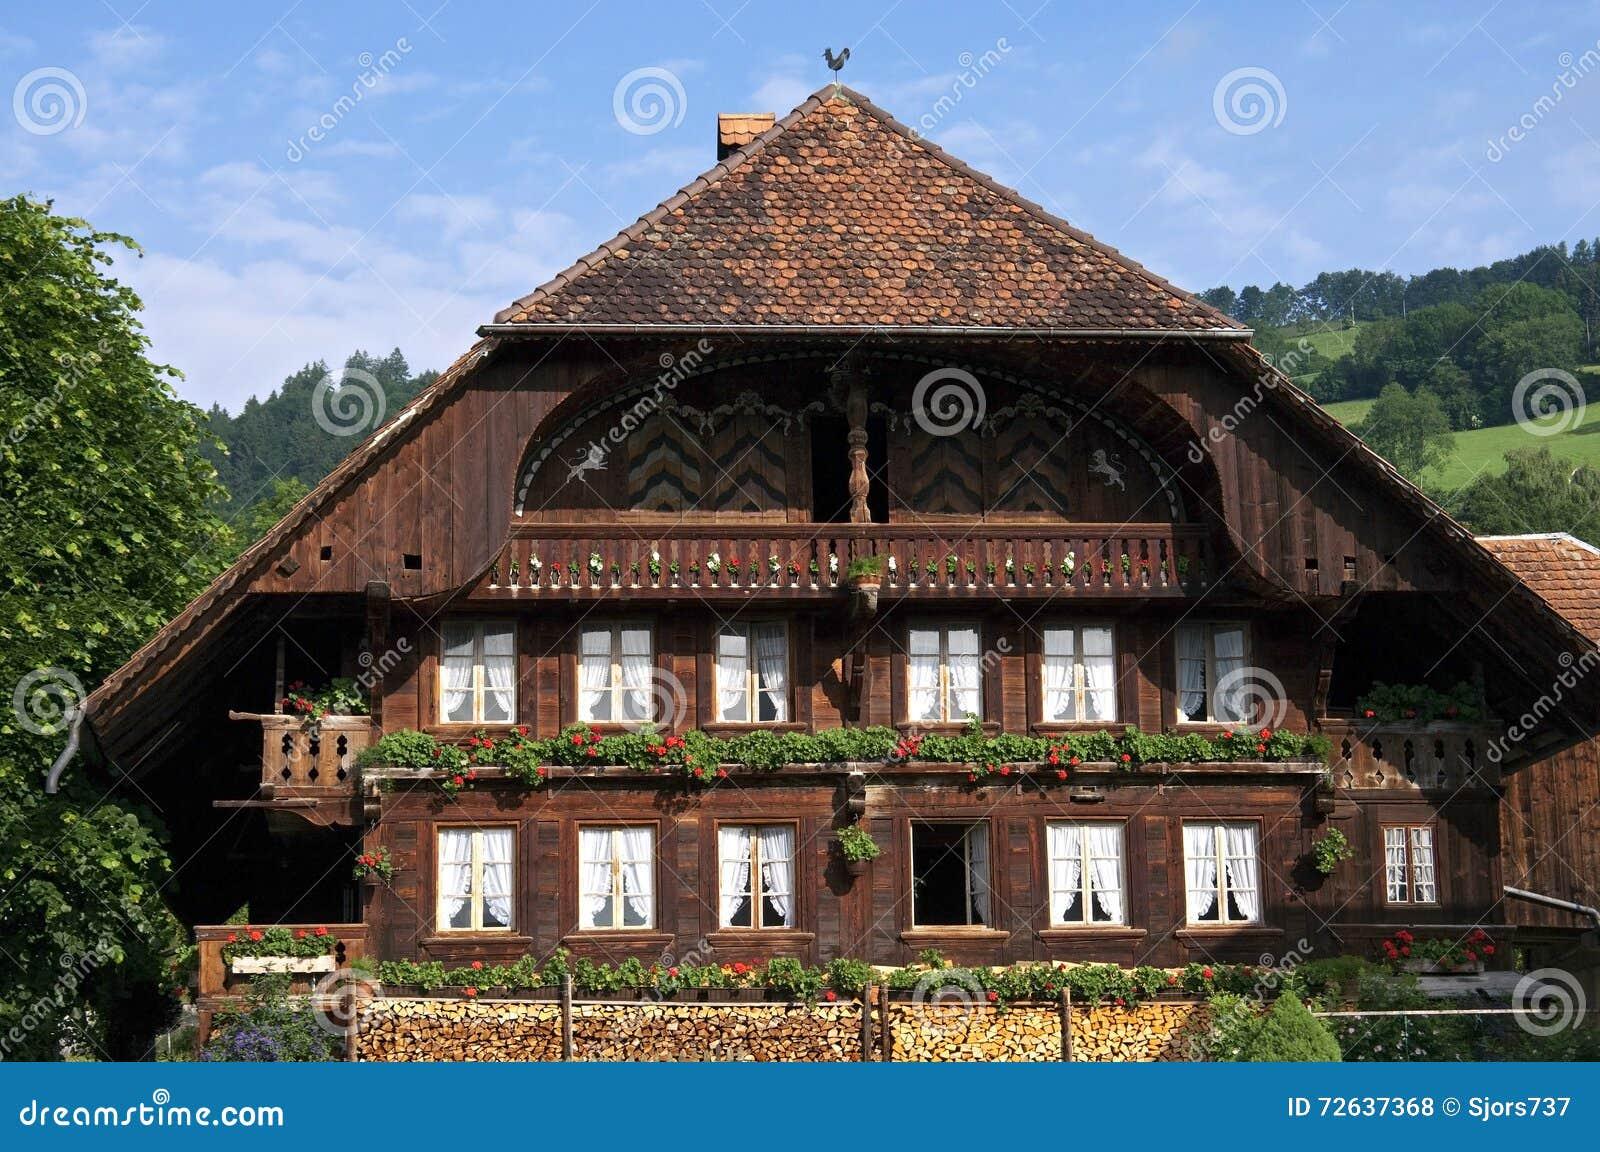 Case Di Montagna In Legno : Casa di legno svizzera tipica in paesino di montagna fotografia